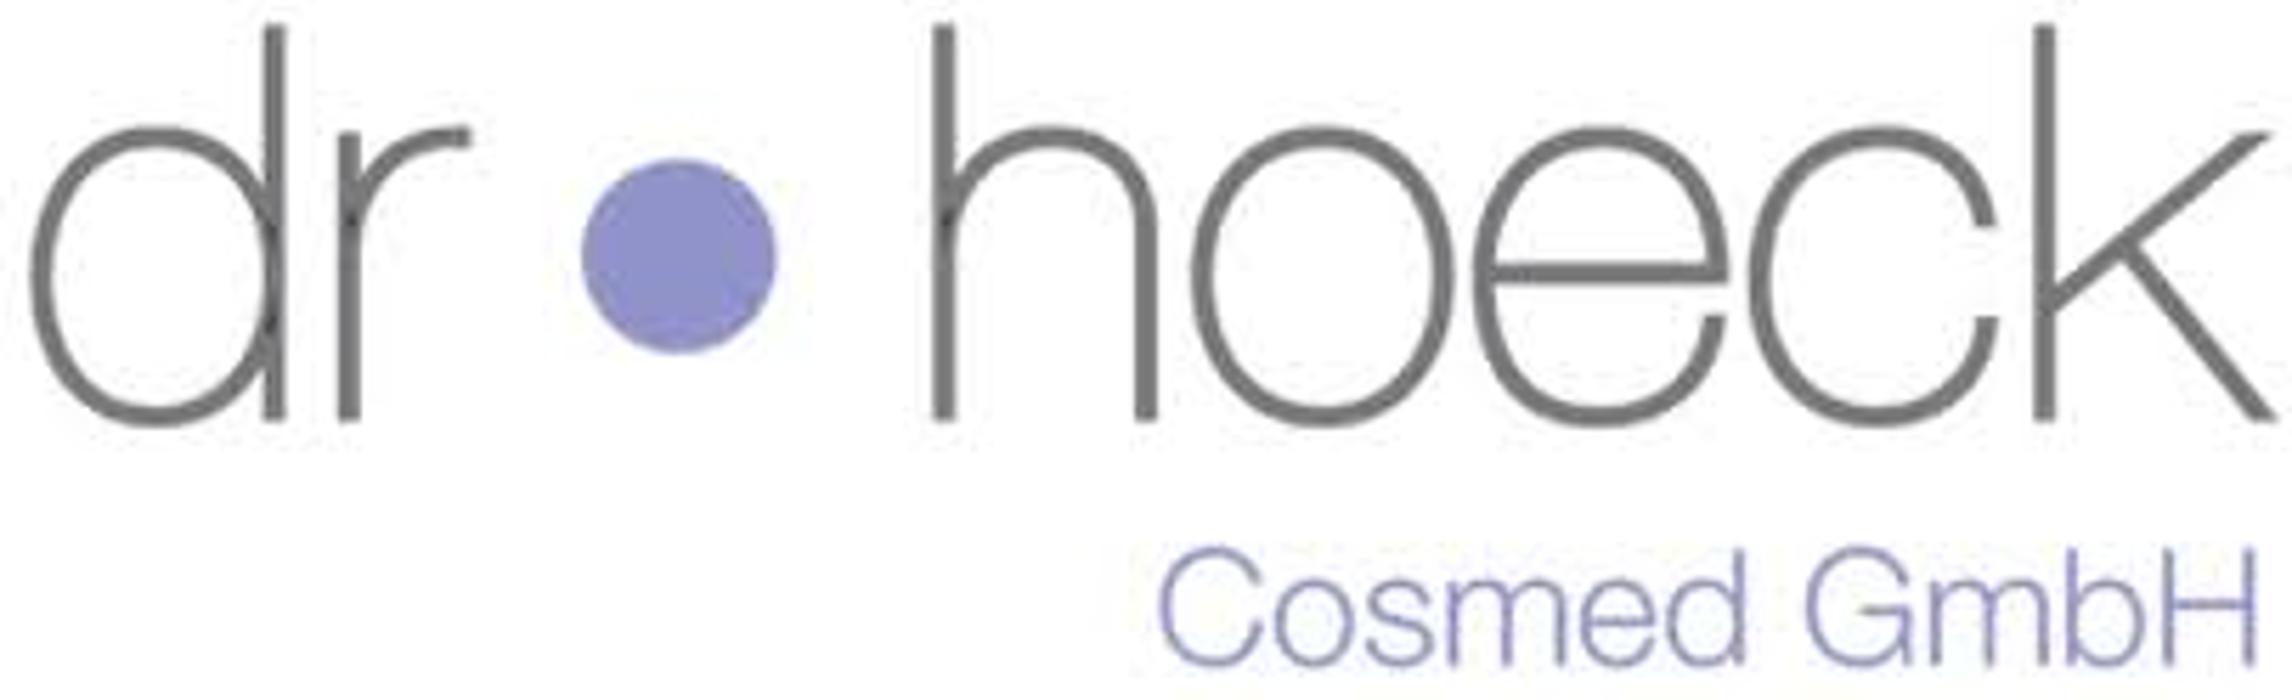 Bild zu Dr. Hoeck GmbH in Bochum